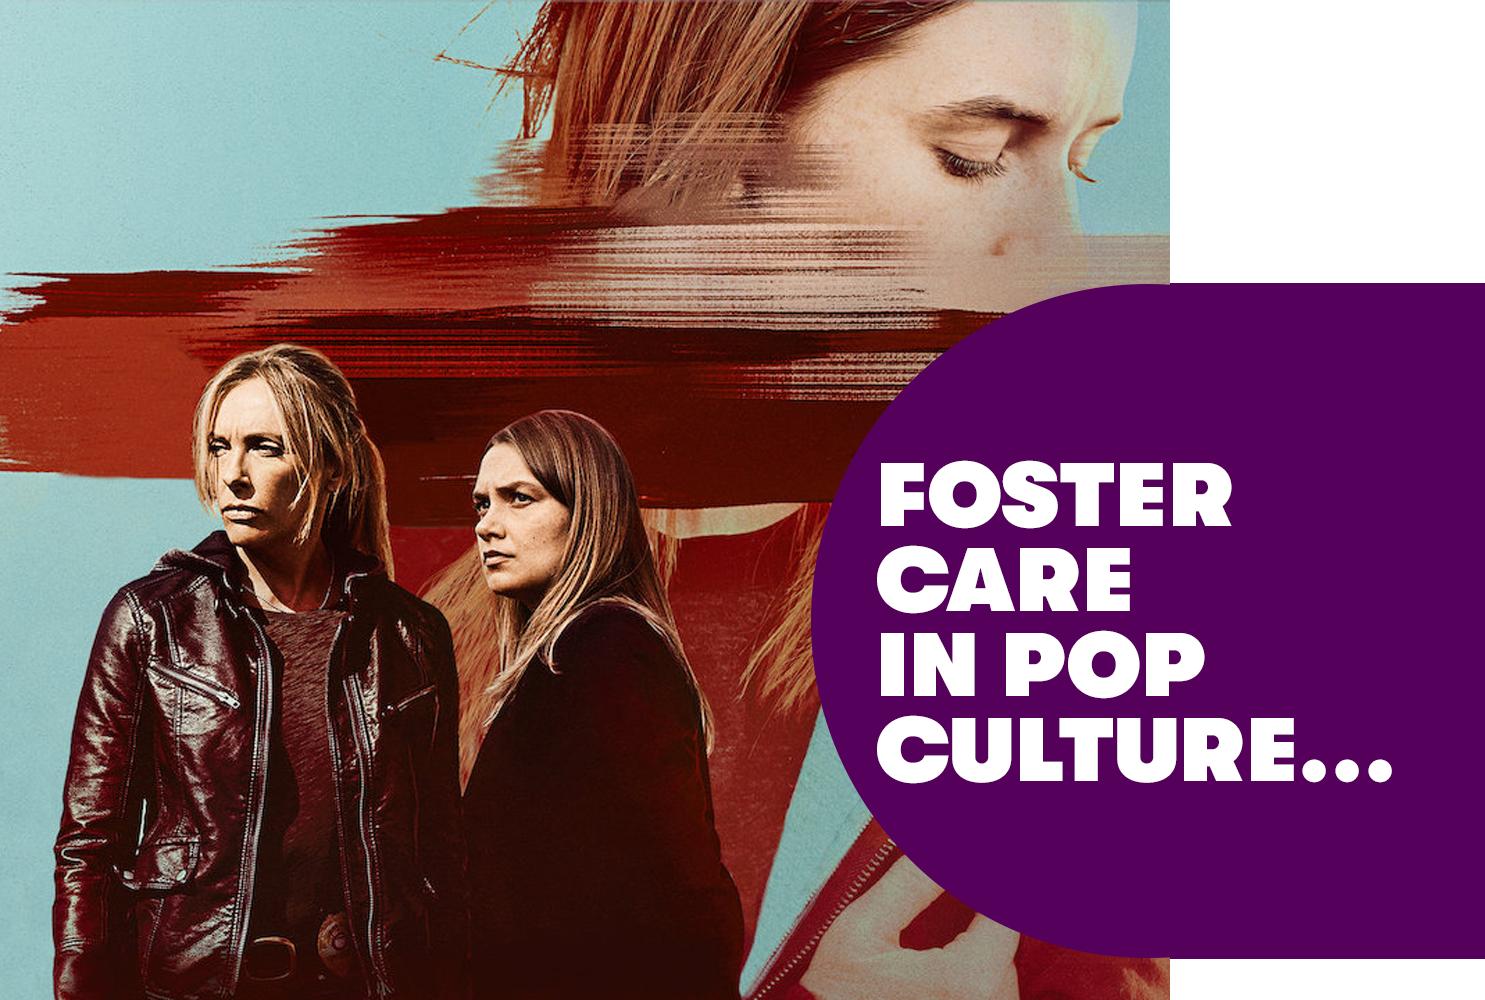 foster care in pop culture